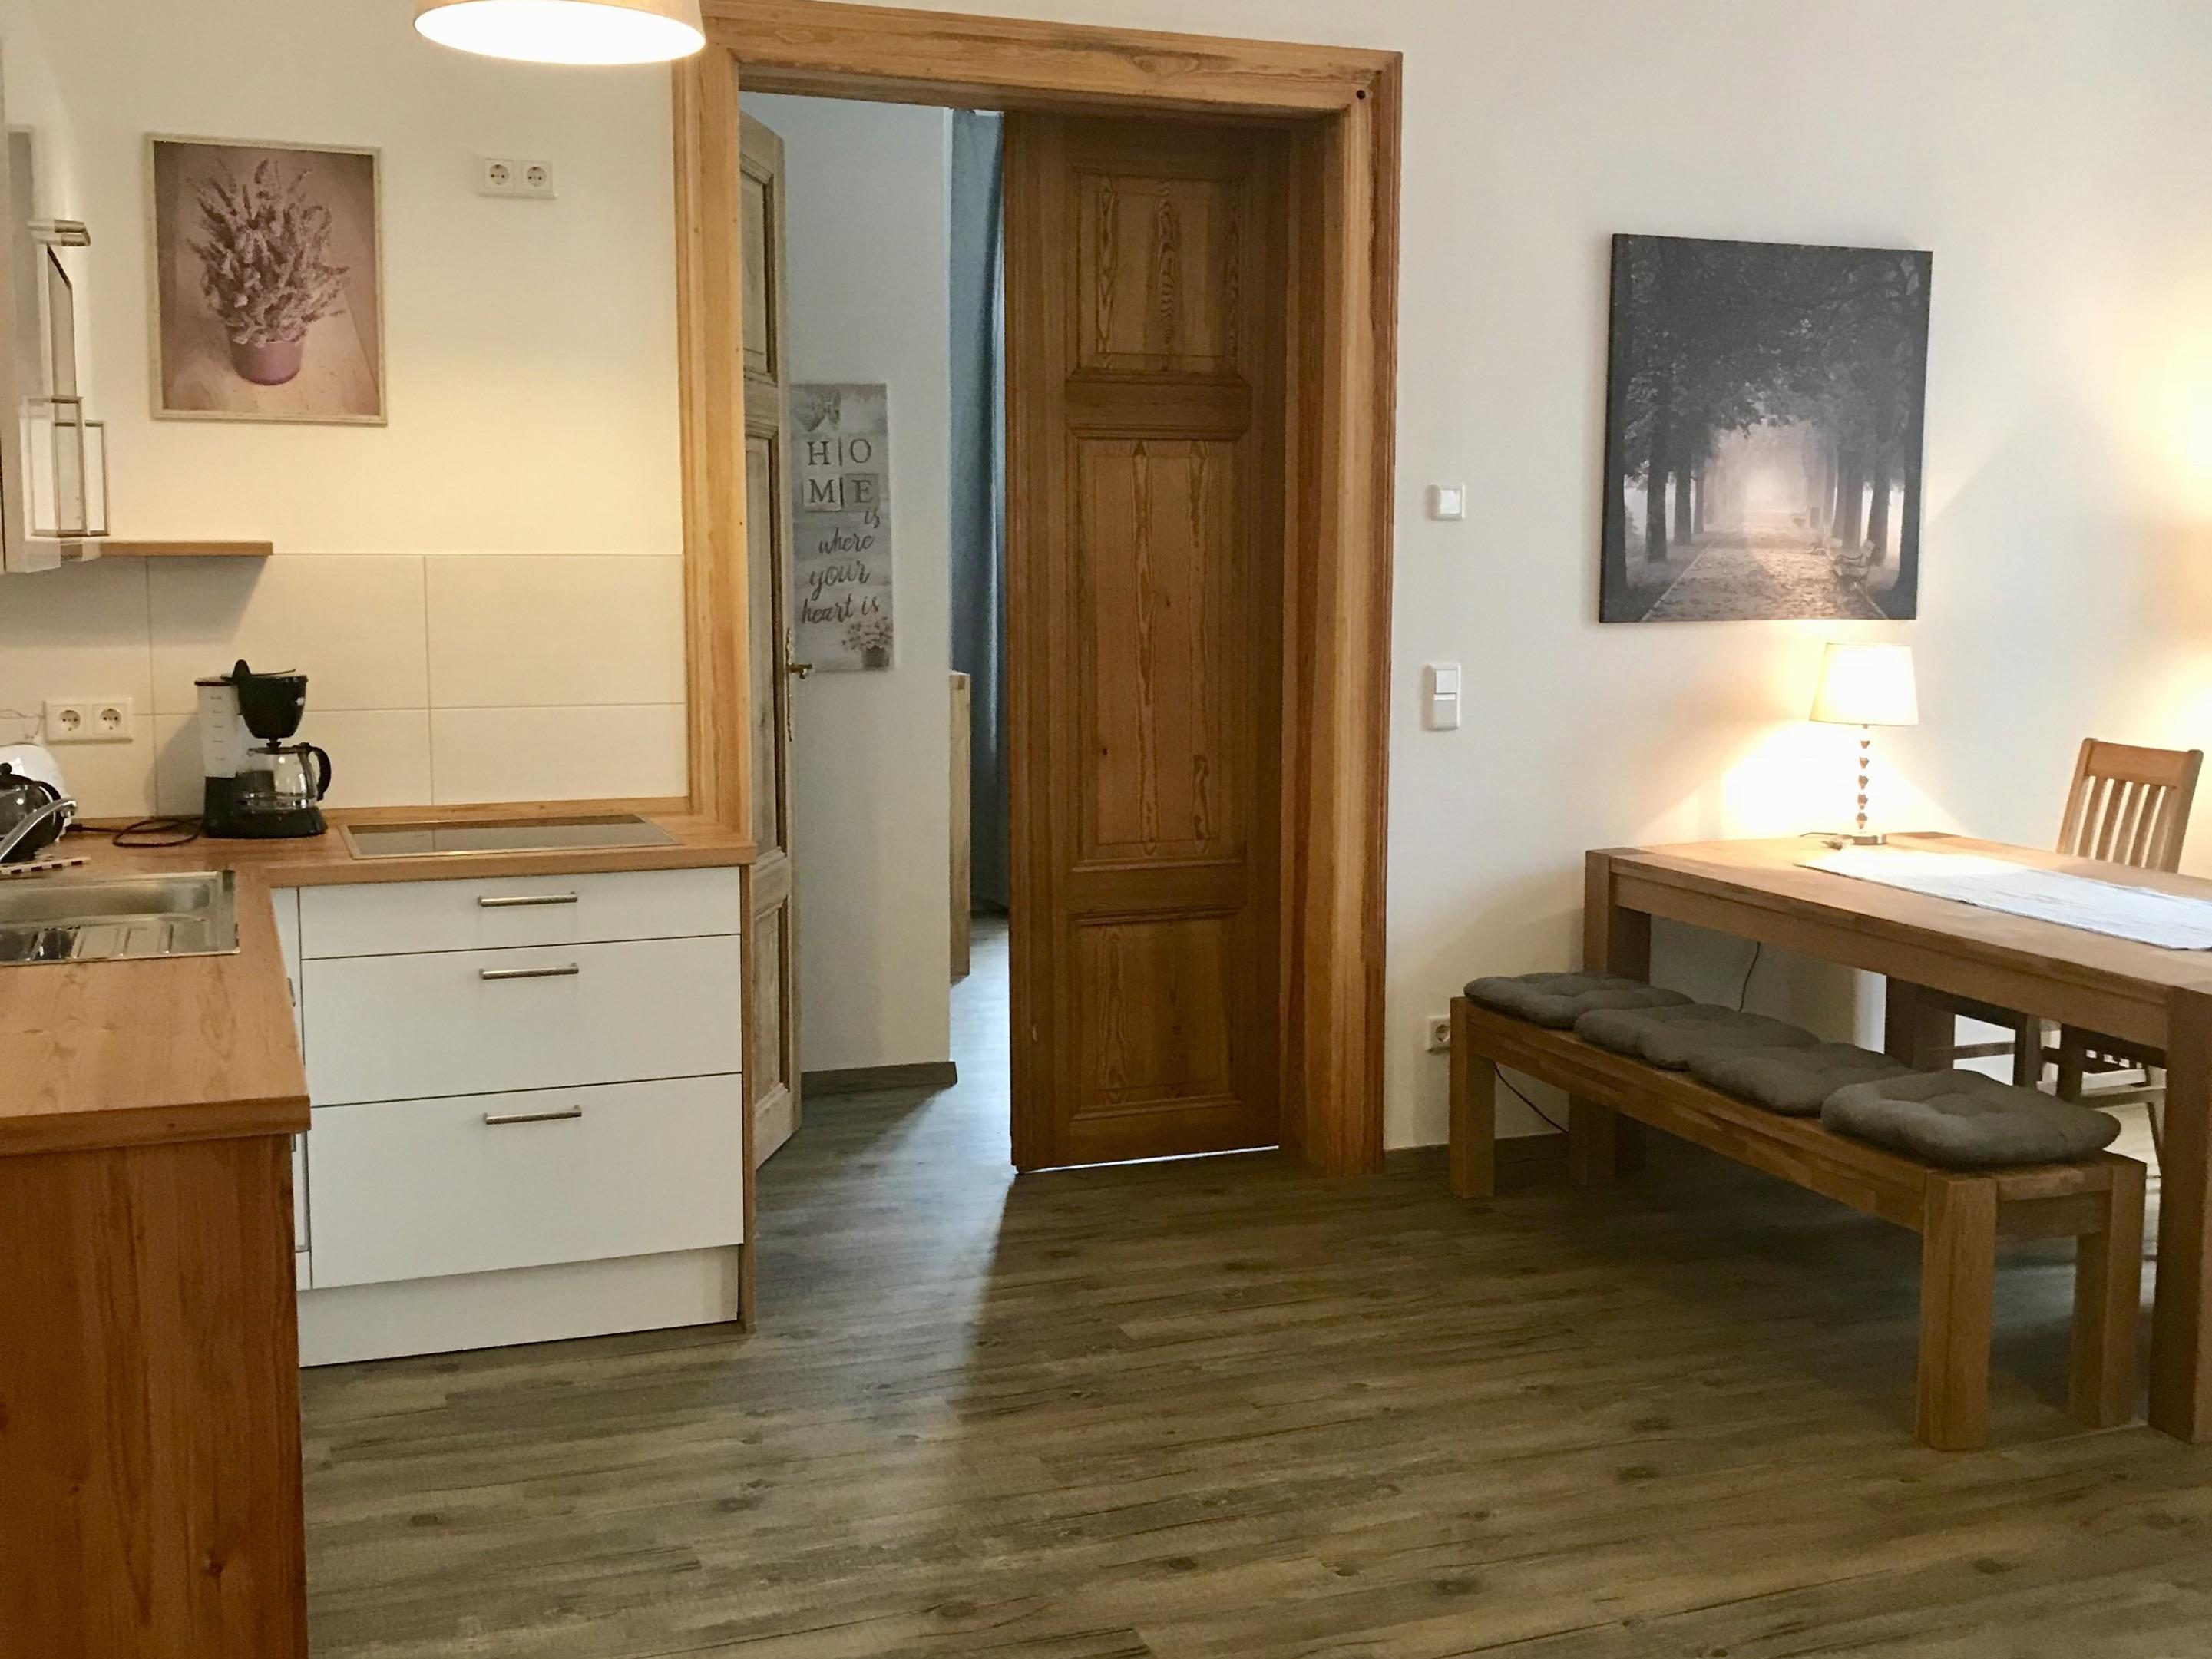 Wohnung-Eigenes Badezimmer-bis zu 4 Personen - Basistarif